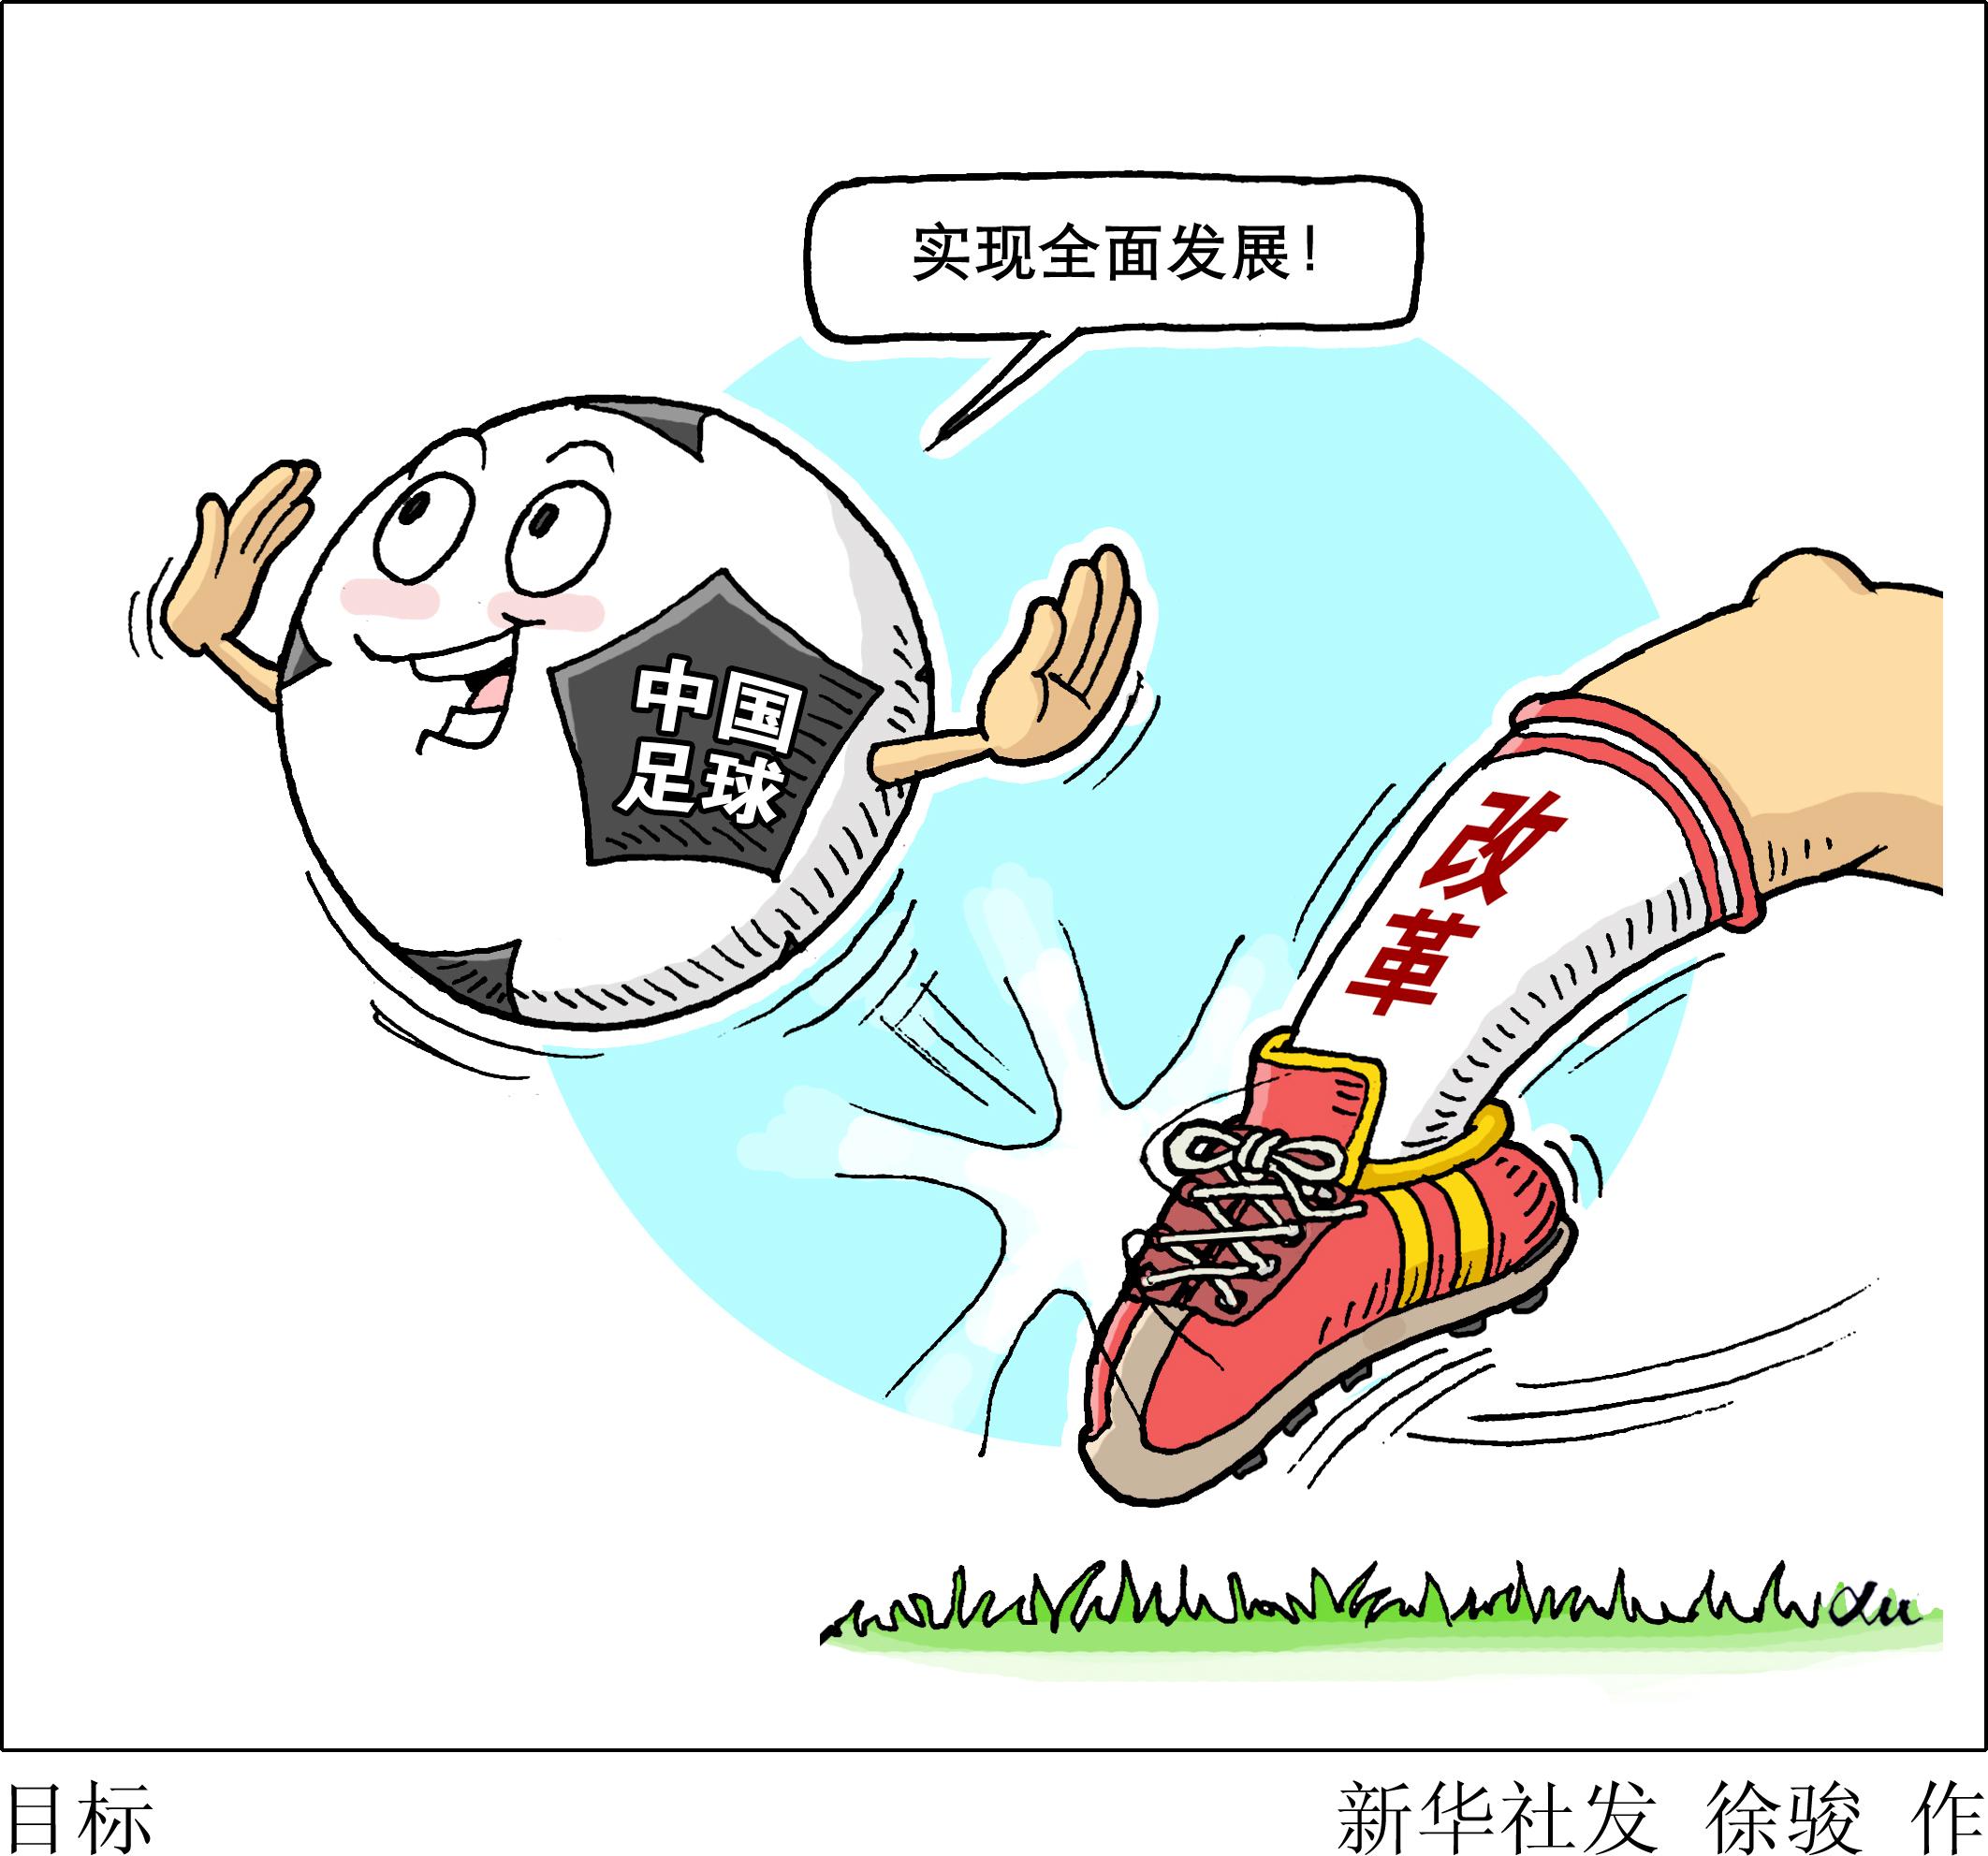 中国足协对会员协会支持力度有待加强——专访中国足协主席陈戌源之五